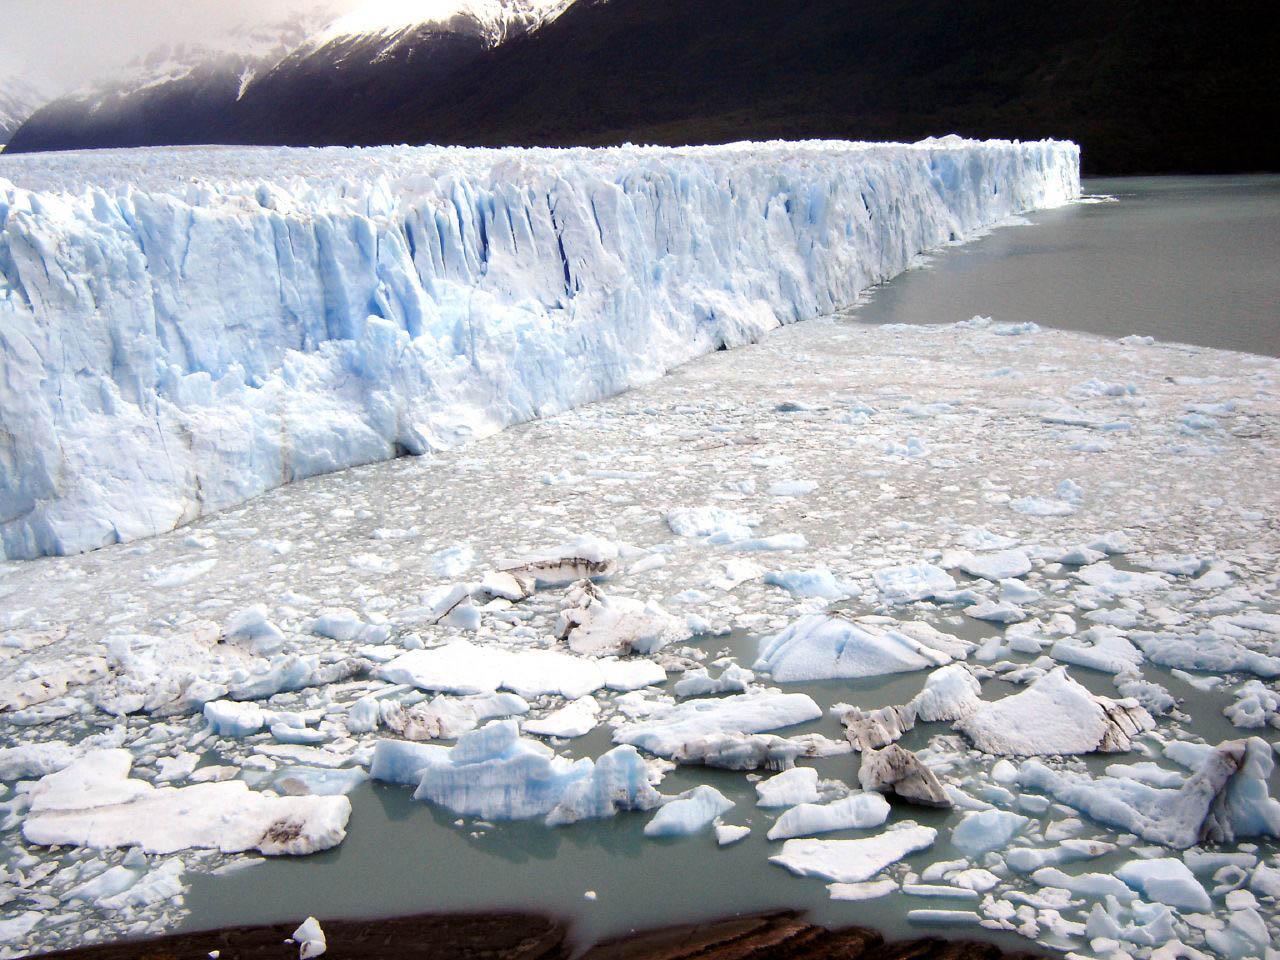 glaciar perito moreno4 Tour to an Enormous Perito Moreno Glacier